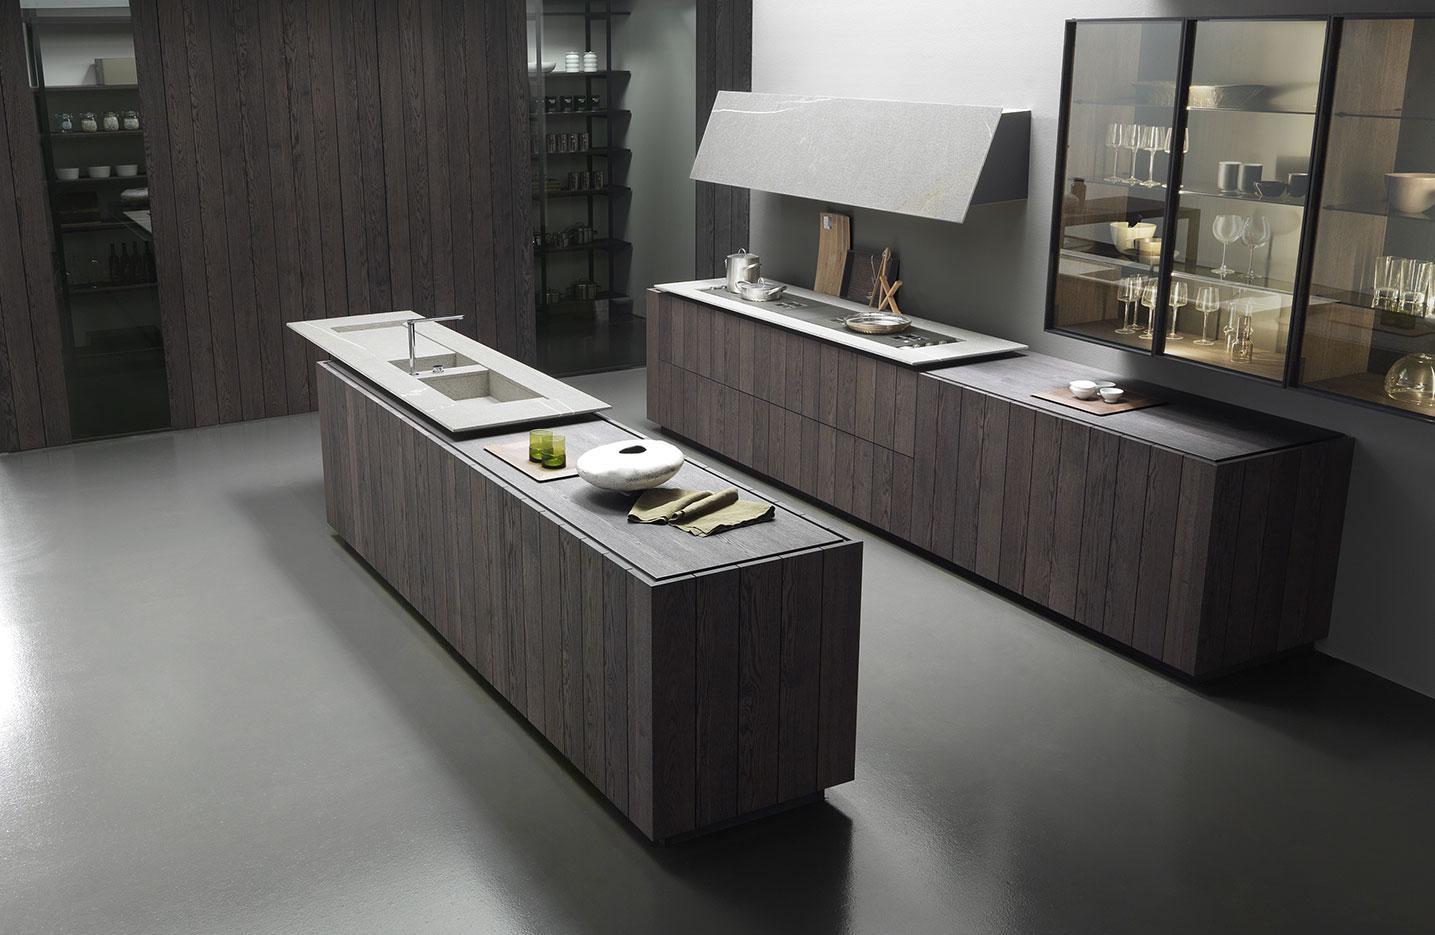 Float Cucina Di Modulnova Cucine Arredamento Mollura Home Design #786C53 1435 935 Veneta Cucine O Modulnova